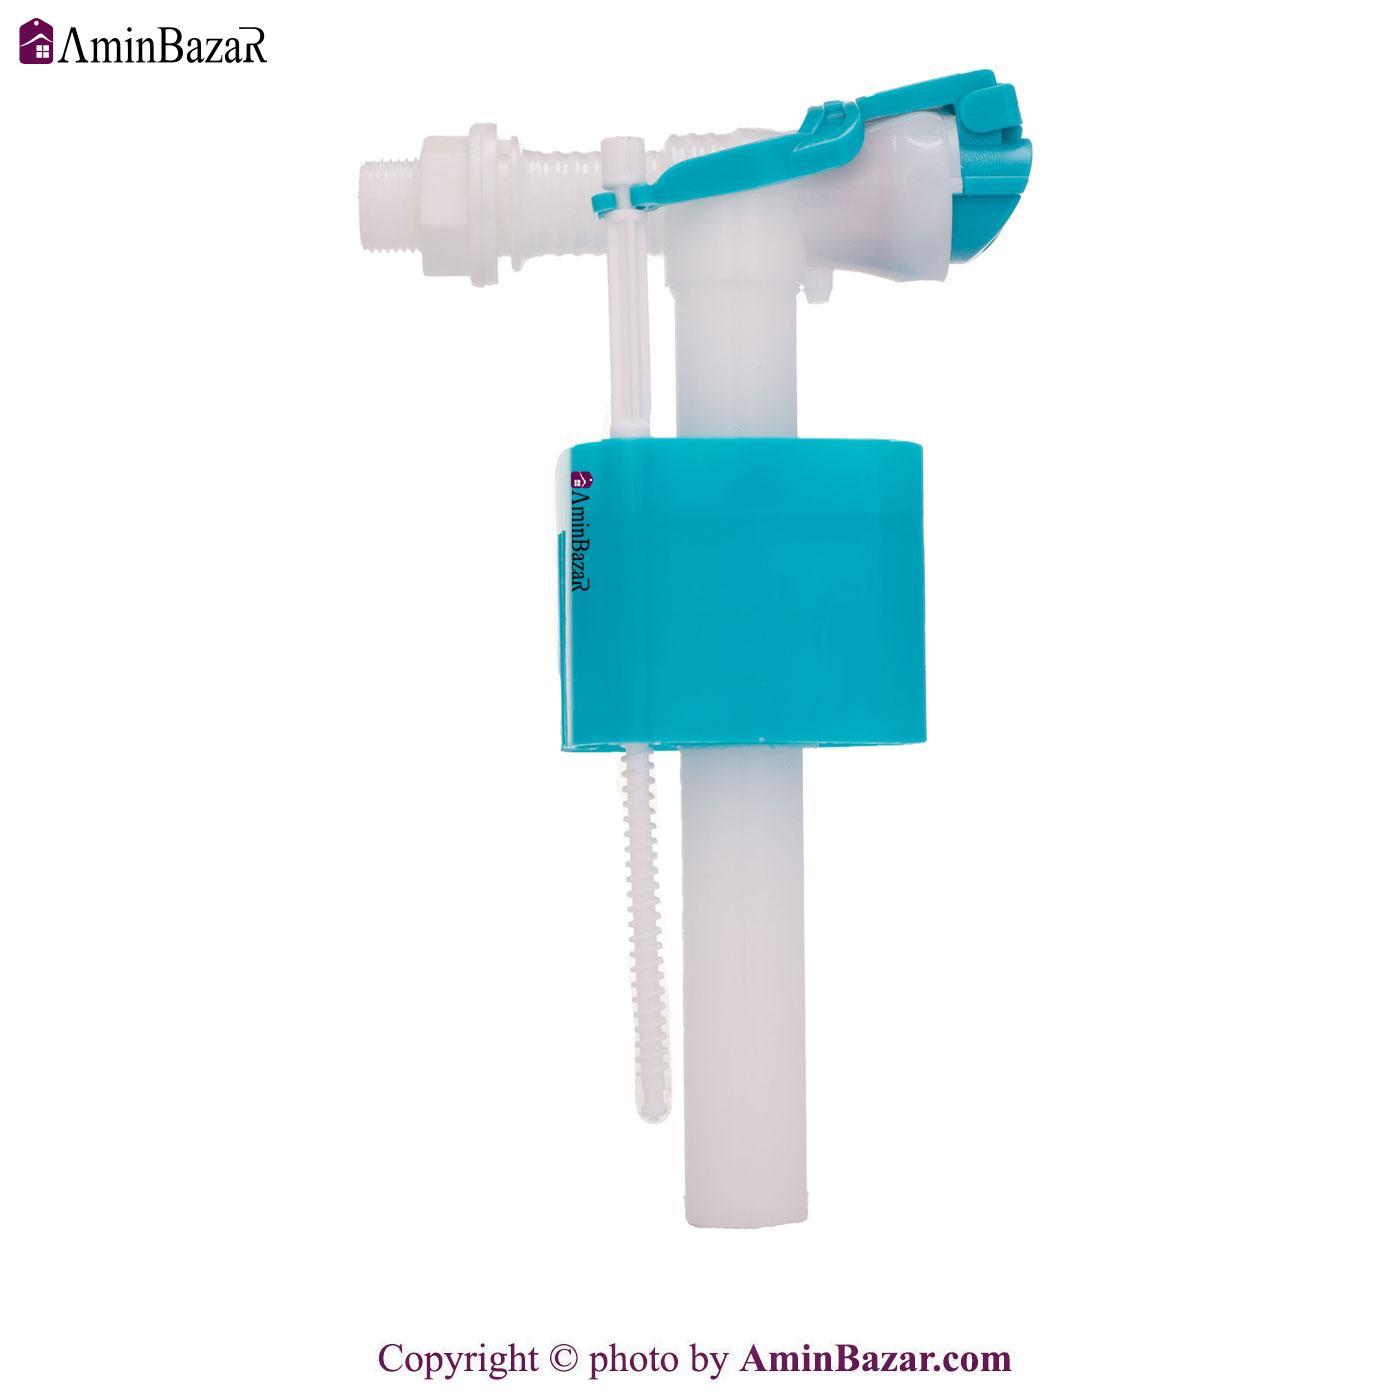 شیر شناور و فلوتر فلاش تانک و توالت فرنگی محک با ورودی آب از بغل کد 811